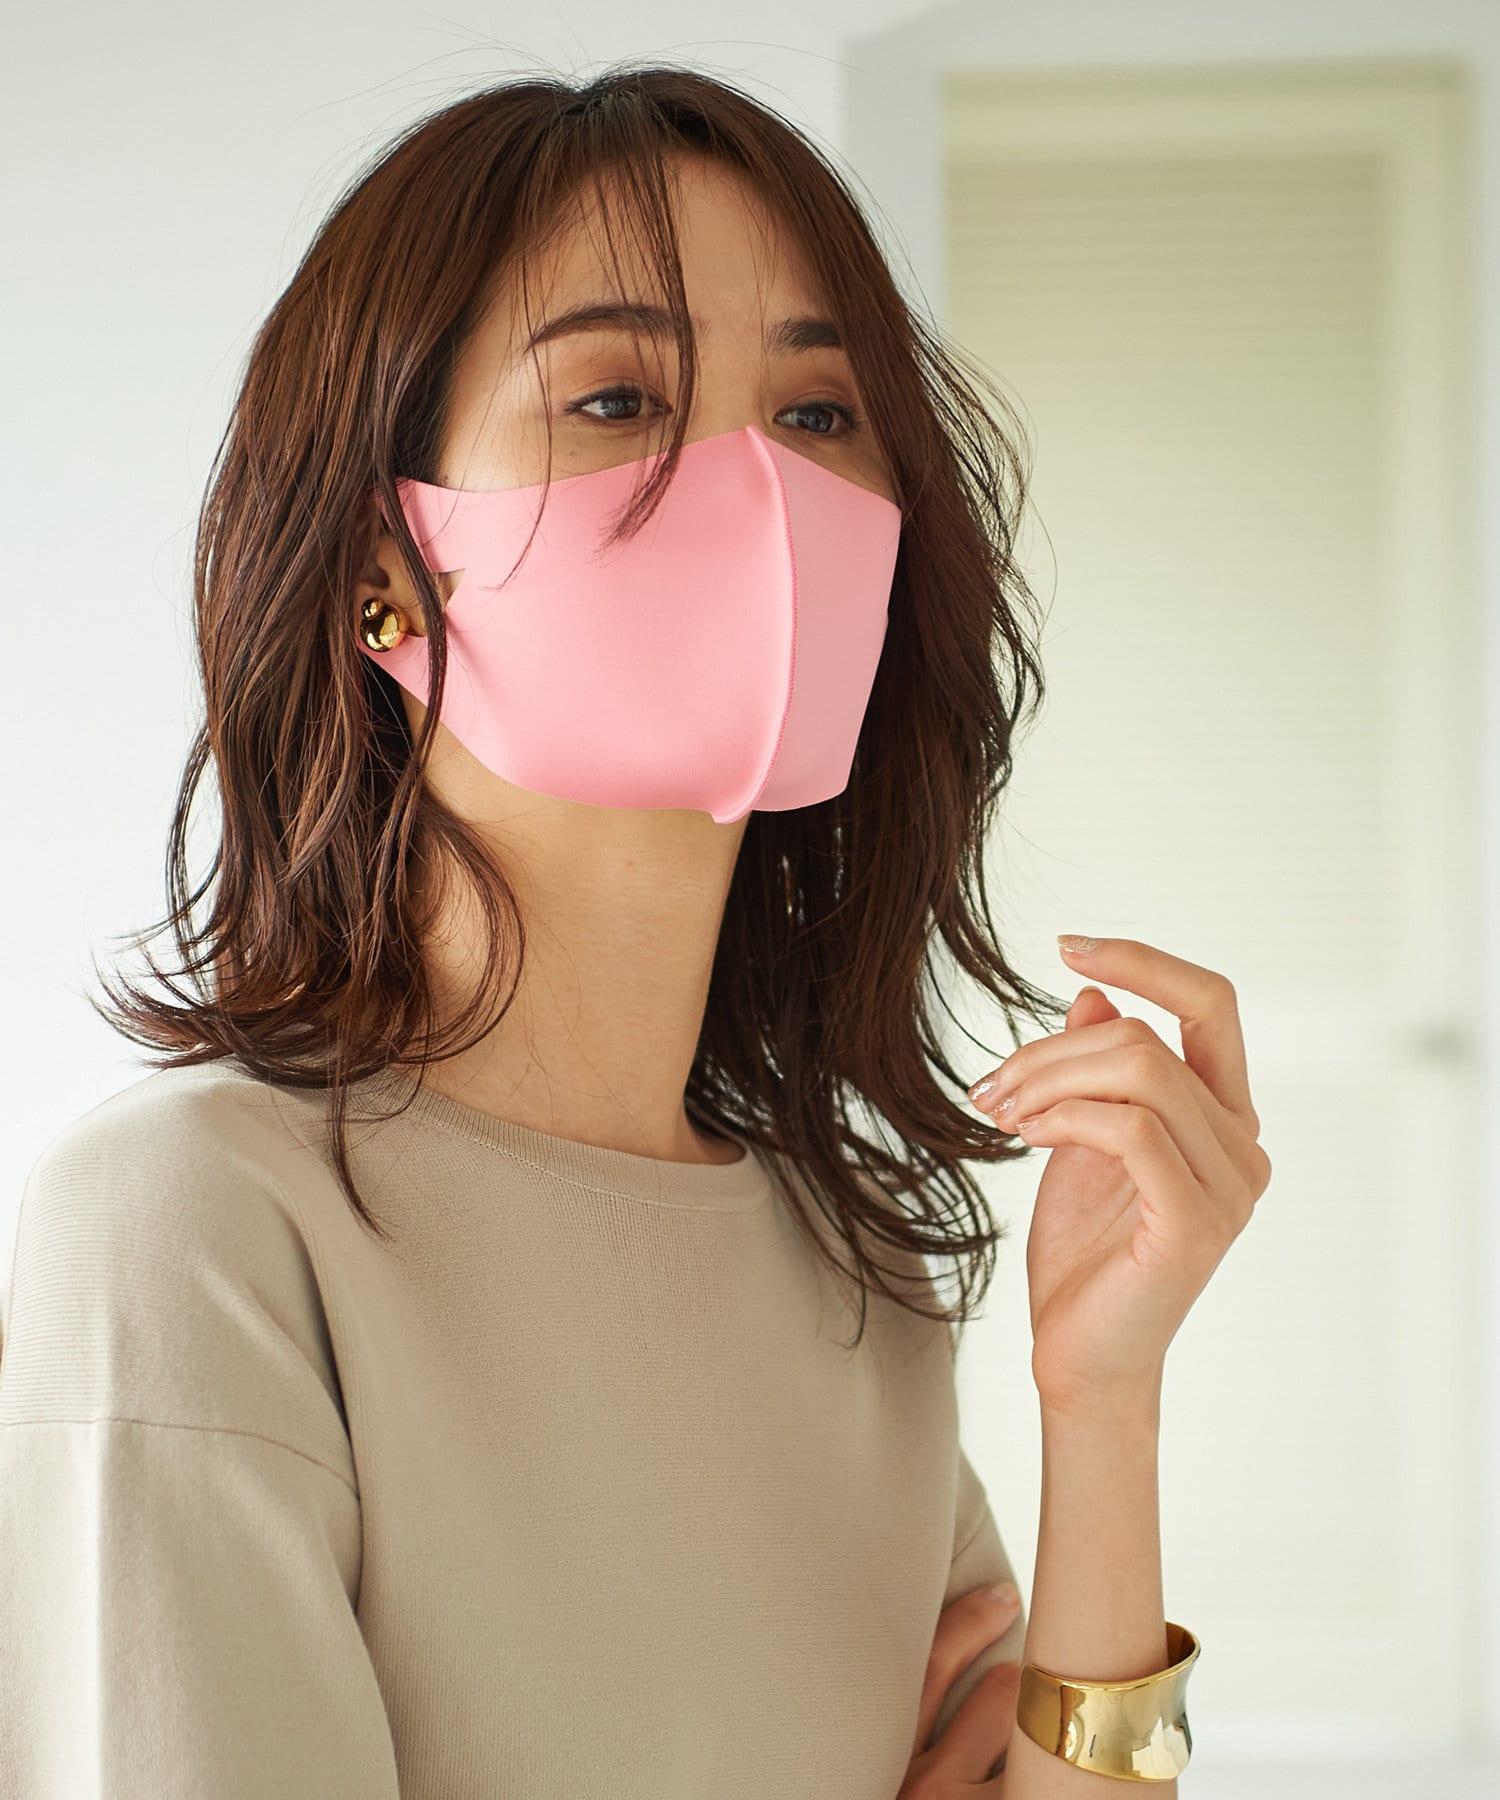 La boutique BonBon(ラブティックボンボン) レディース 【動画付き】小顔見えニュアンスカラー立体マスク・抗菌防臭【フリーサイズ】 ピンク